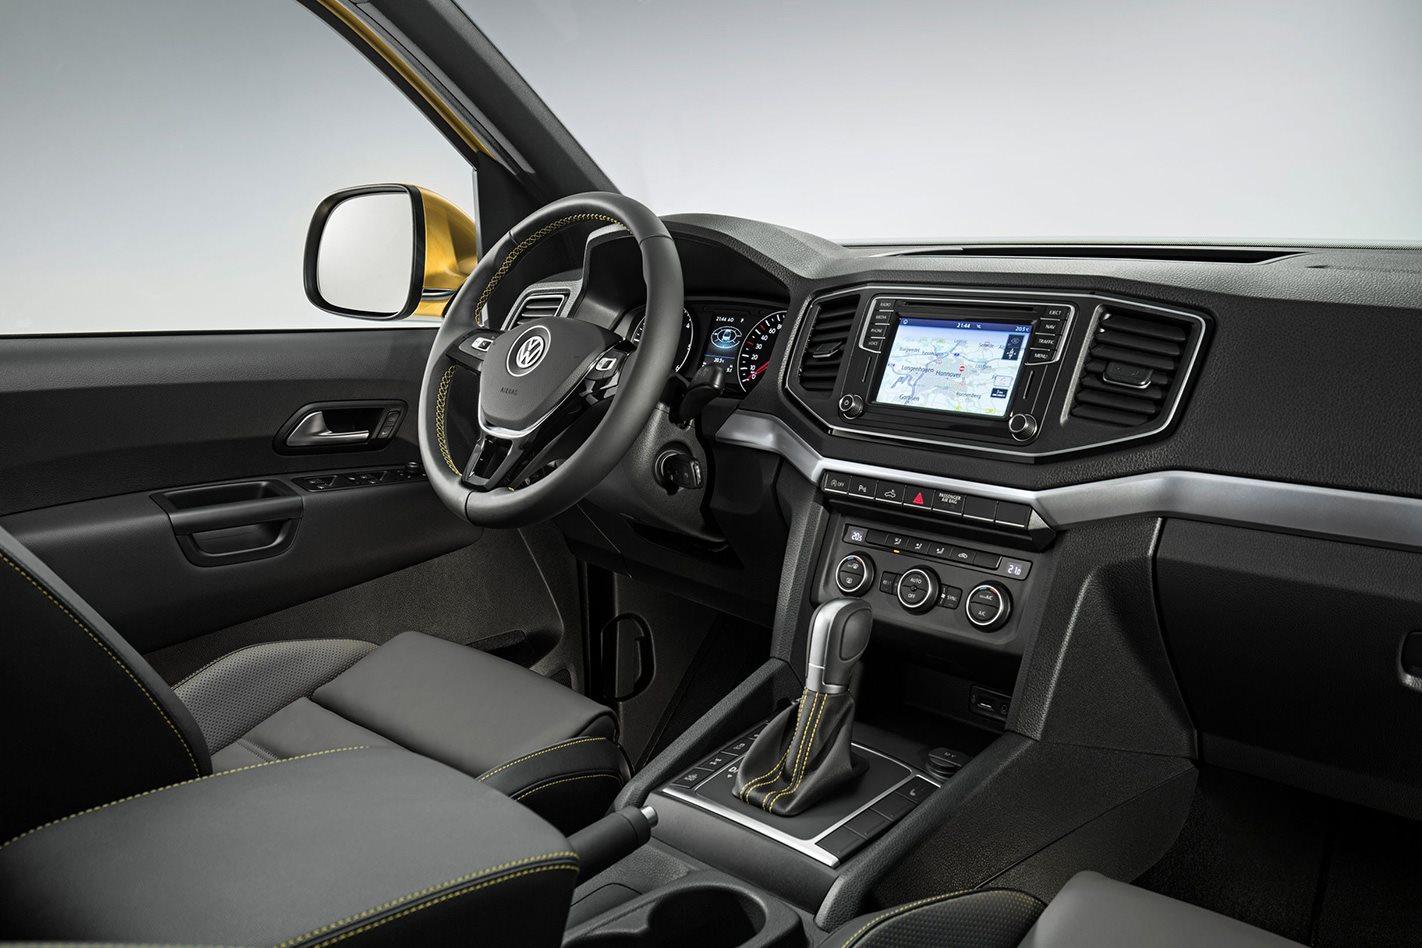 Volkswagen V6 TDI Amarok interior